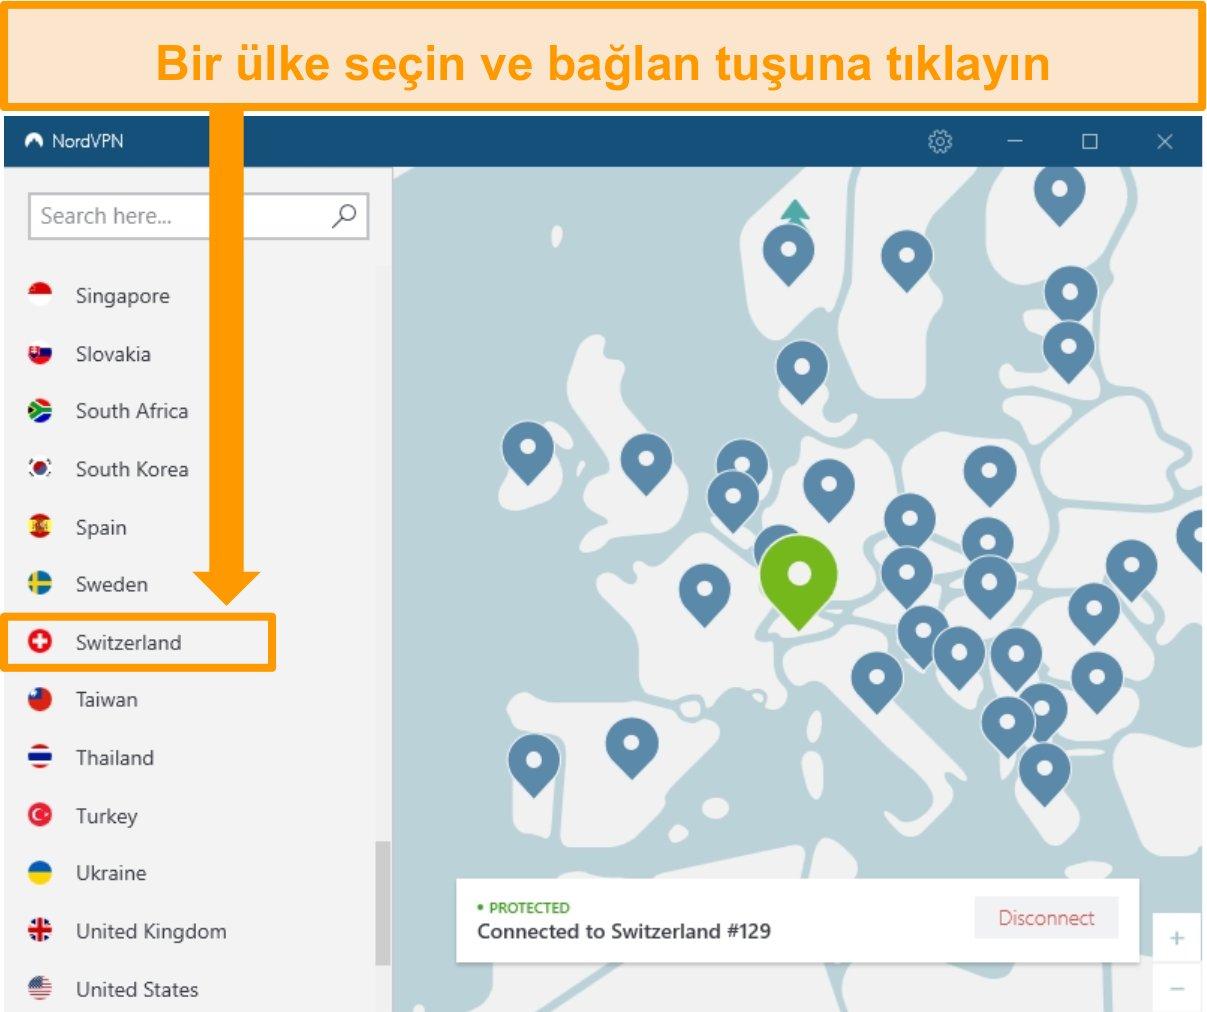 İsviçre sunucusuna bağlı NordVPN Windows uygulamasının ekran görüntüsü